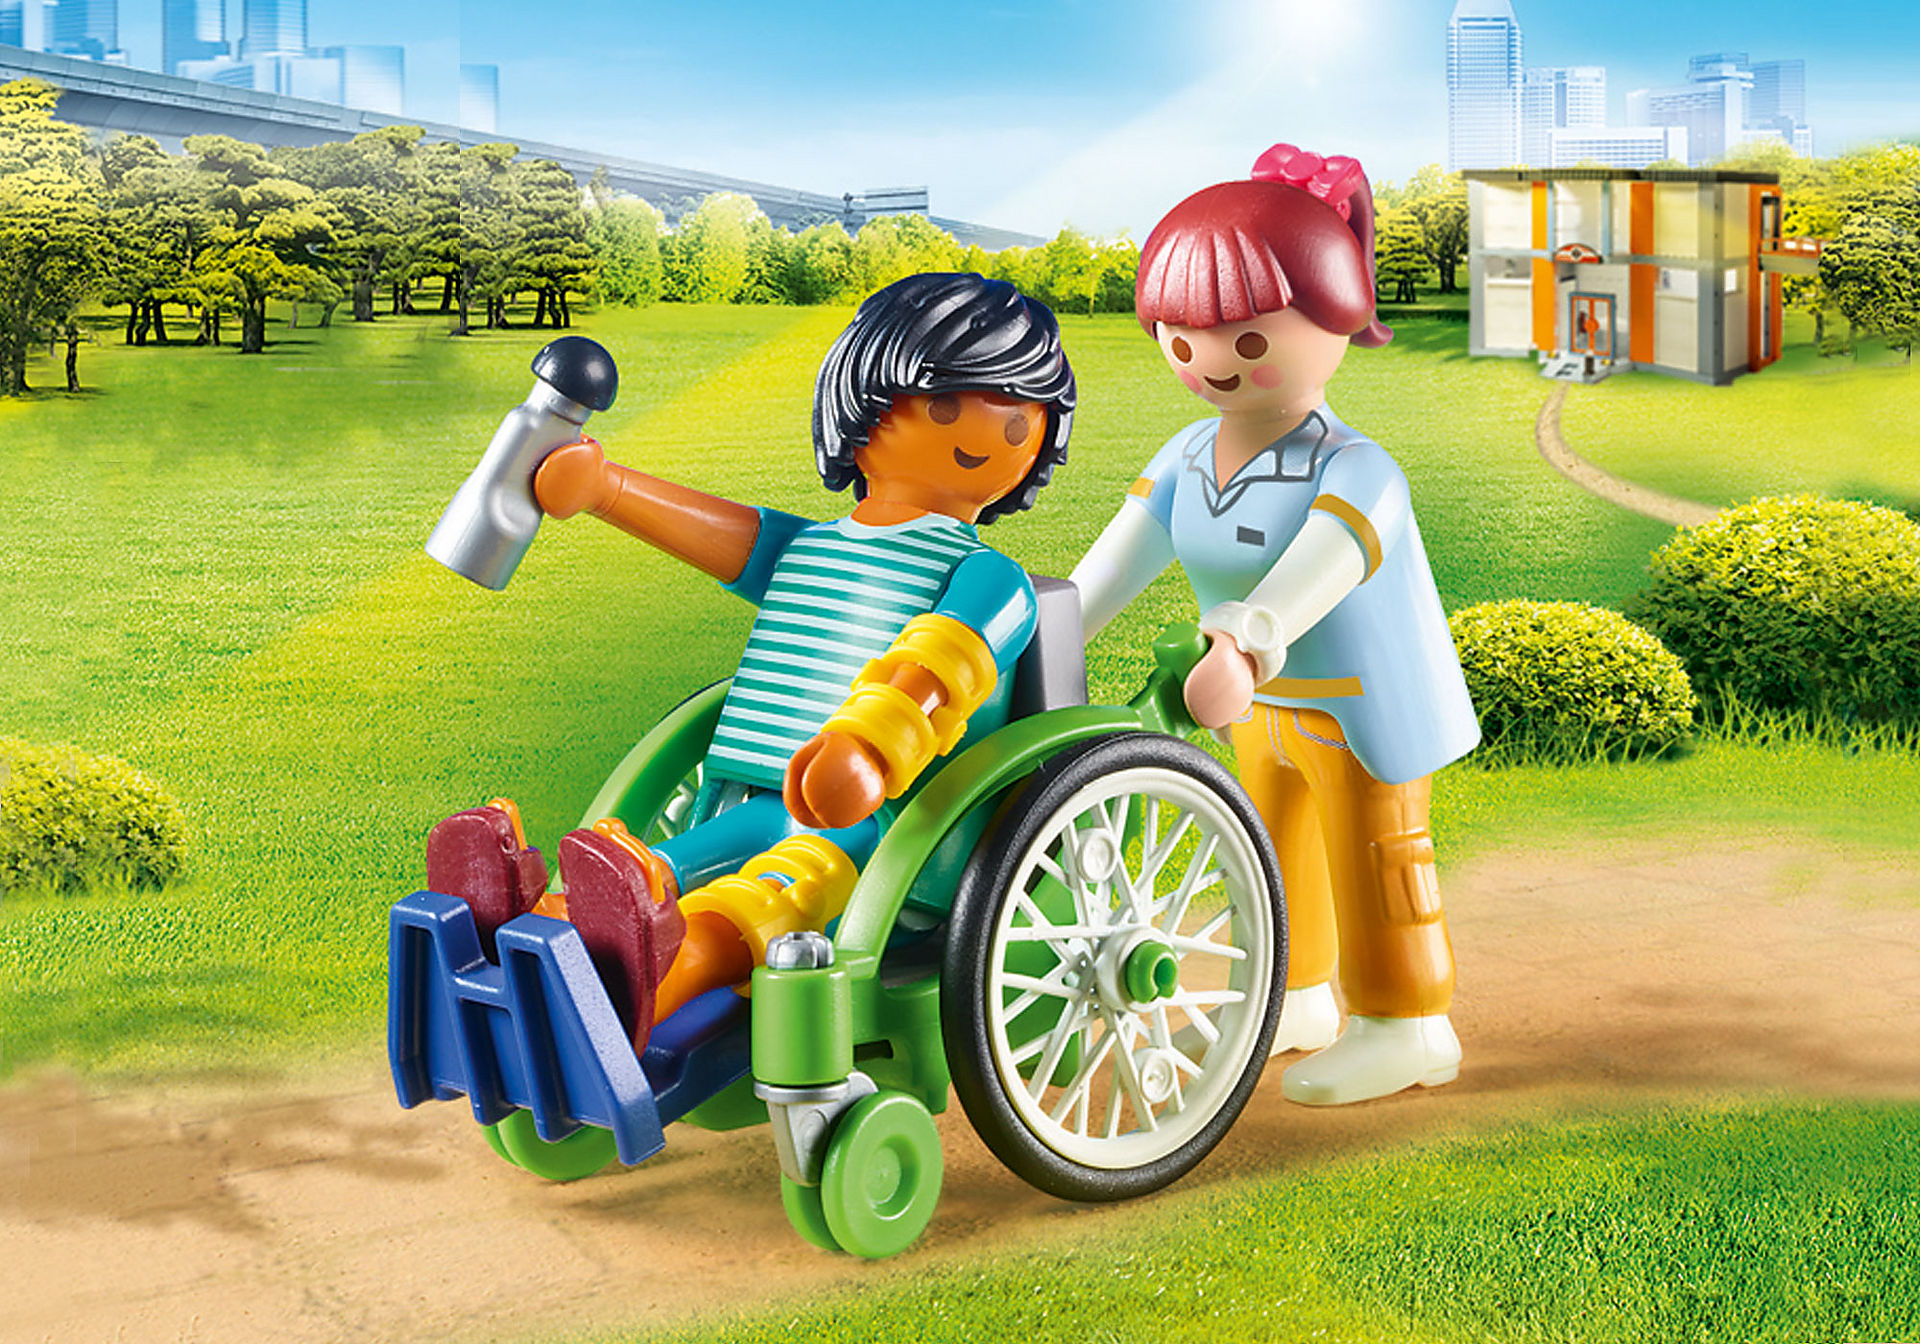 70193 Pacjent na wózku inwalidzkim zoom image1